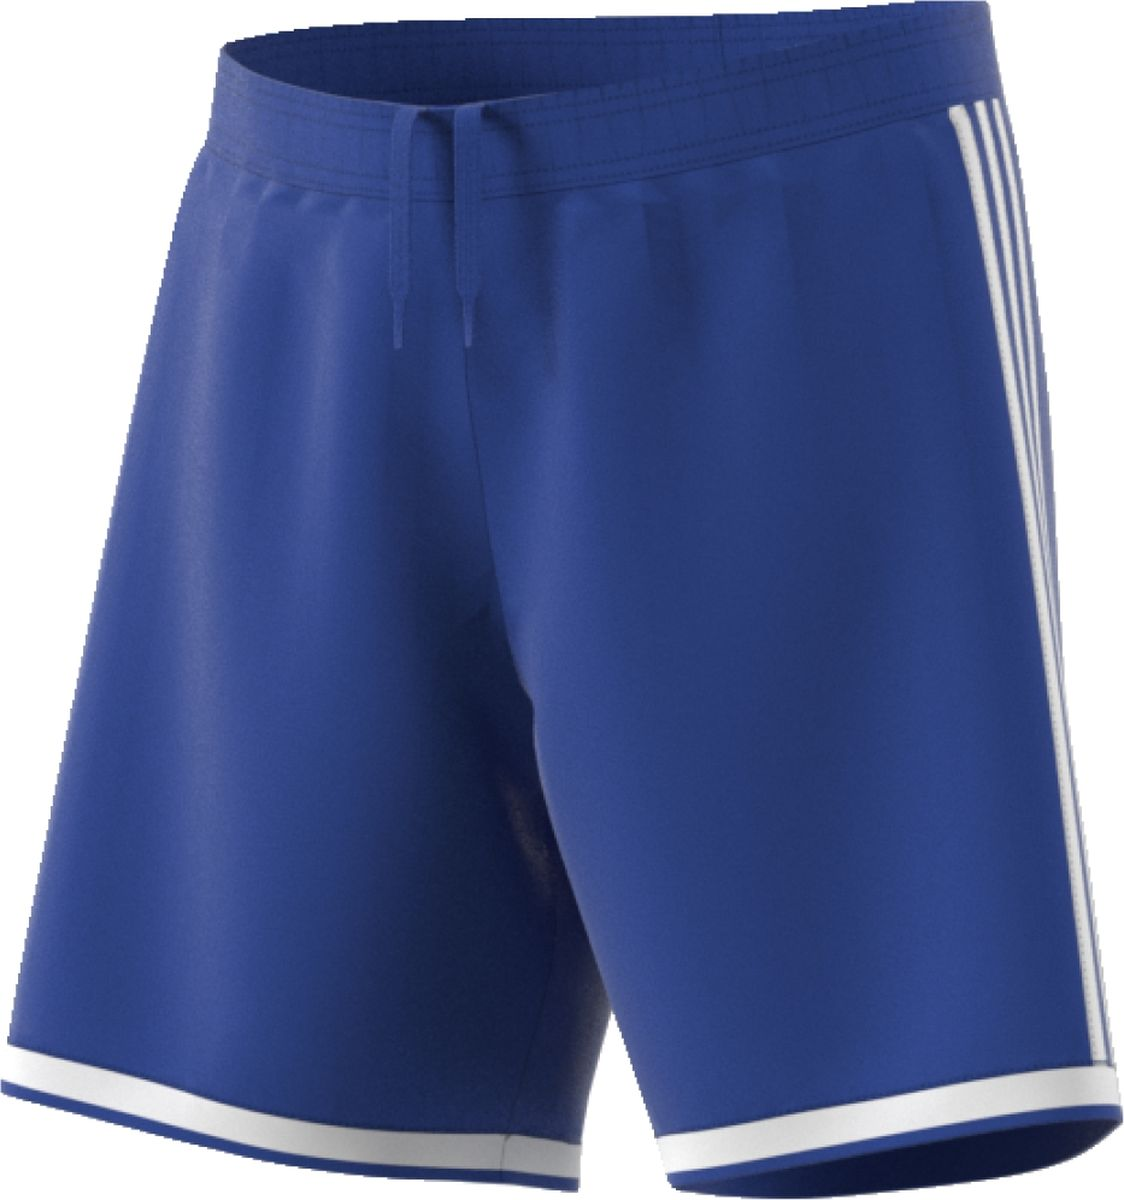 Шорты мужские Adidas Regista 18 Sho, цвет: голубой. CF9600. Размер M (48/50)CF9600Мужские спортивные шорты изготовлены из полиэстера с влагоотводящей технологией, обеспечивая сухость и комфорт во время тренировки. Модель свободного кроя с эластичным поясом. По нижнему краю изделие оформлено контрастными полосками.